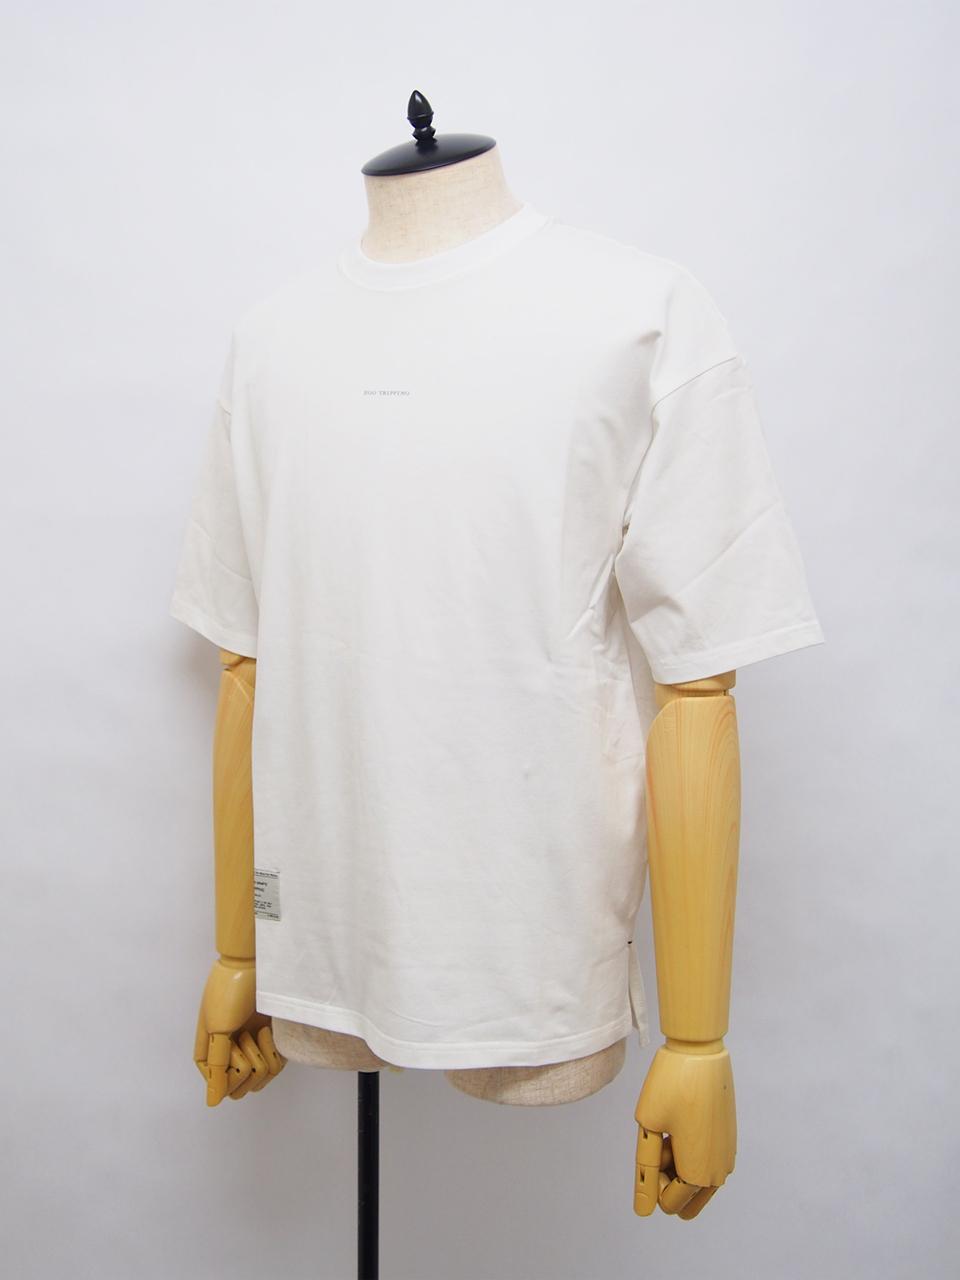 EGO TRIPPING (エゴトリッピング) REFLECTOR TEE リフレクターTシャツ / WHITE 663908-00